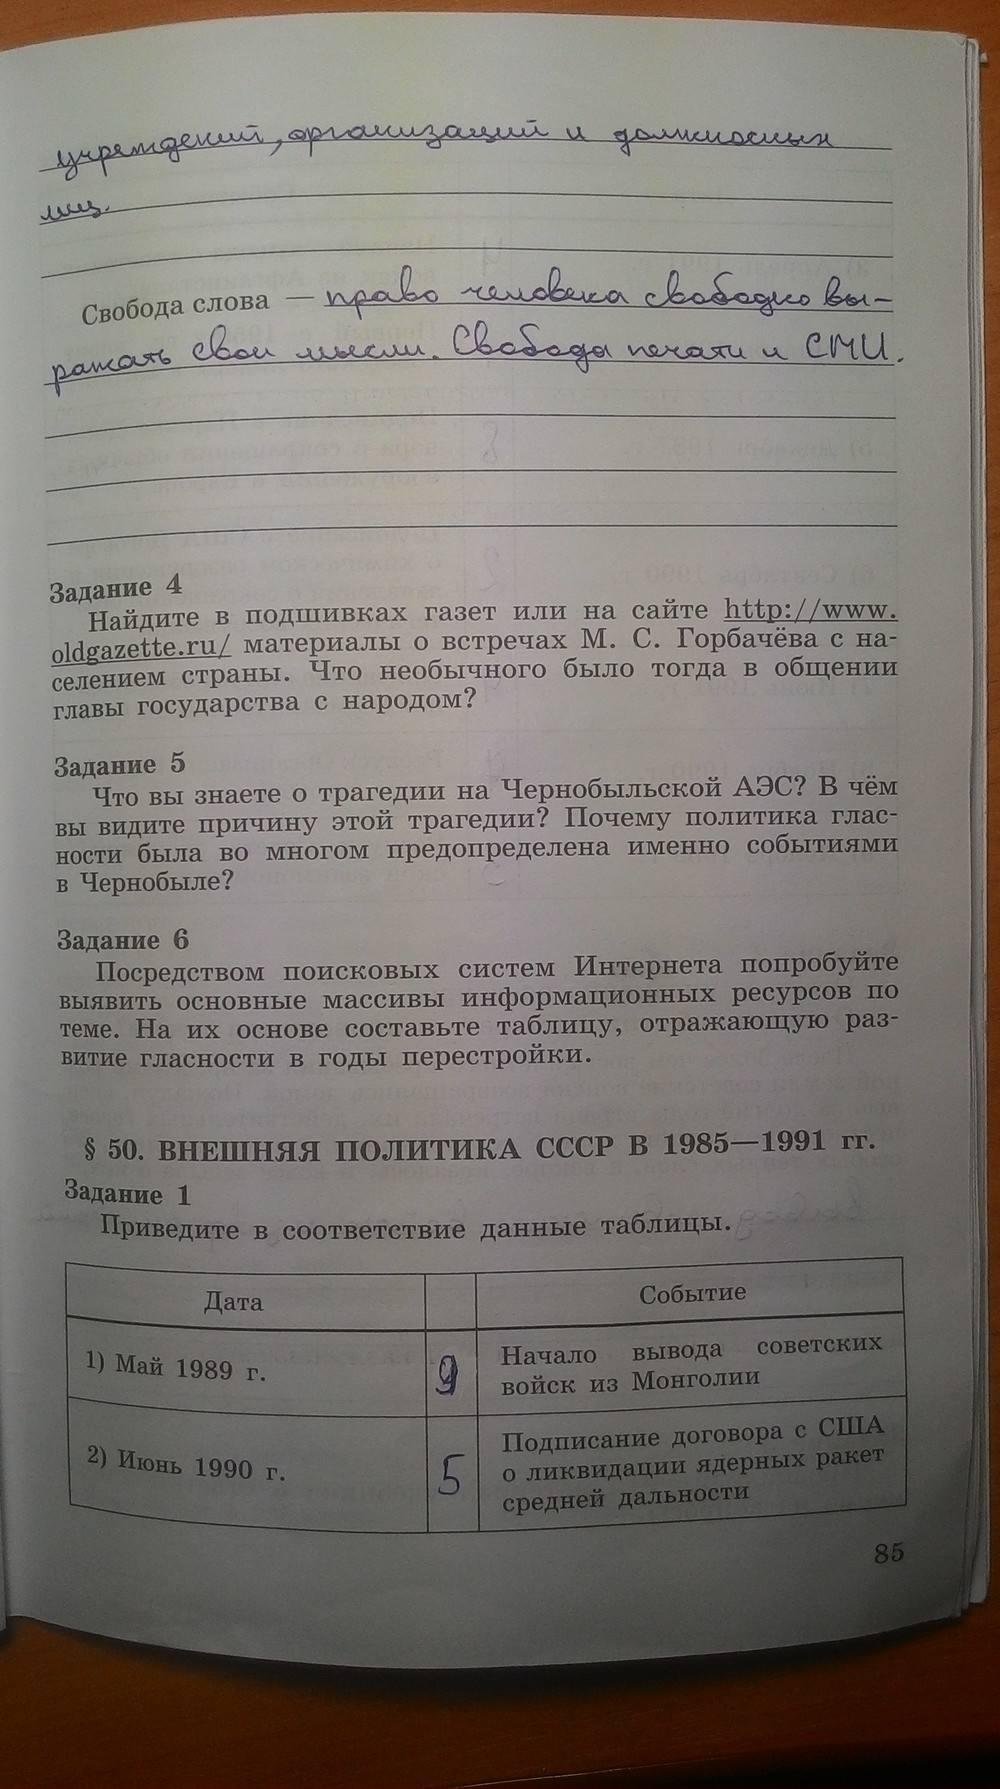 гдз история данилов 9 класс 2019